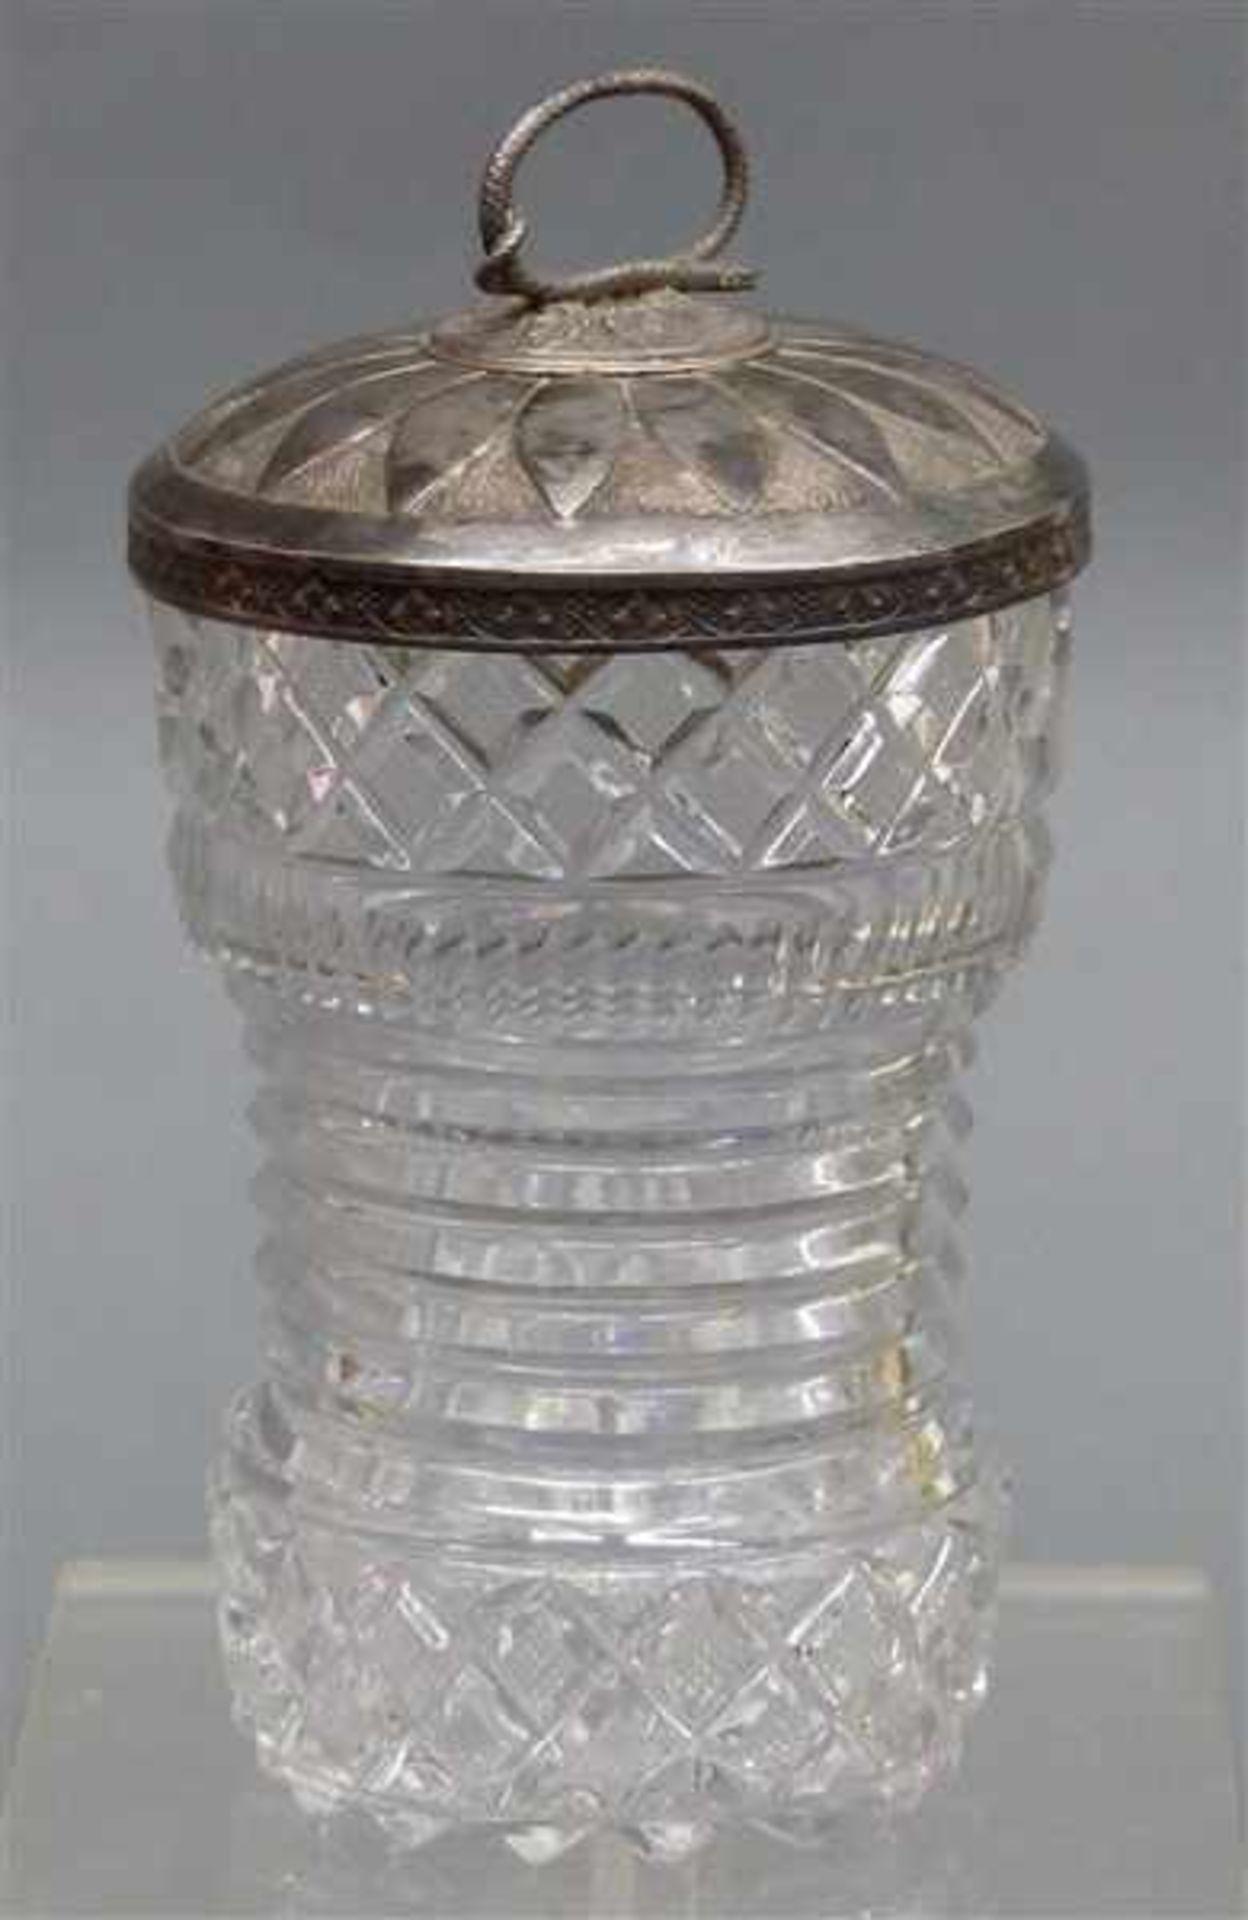 Pokalglas mit Augsburger Silberdeckel farbloses Glas, beschliffen, Deckel punziert, Johann Georg